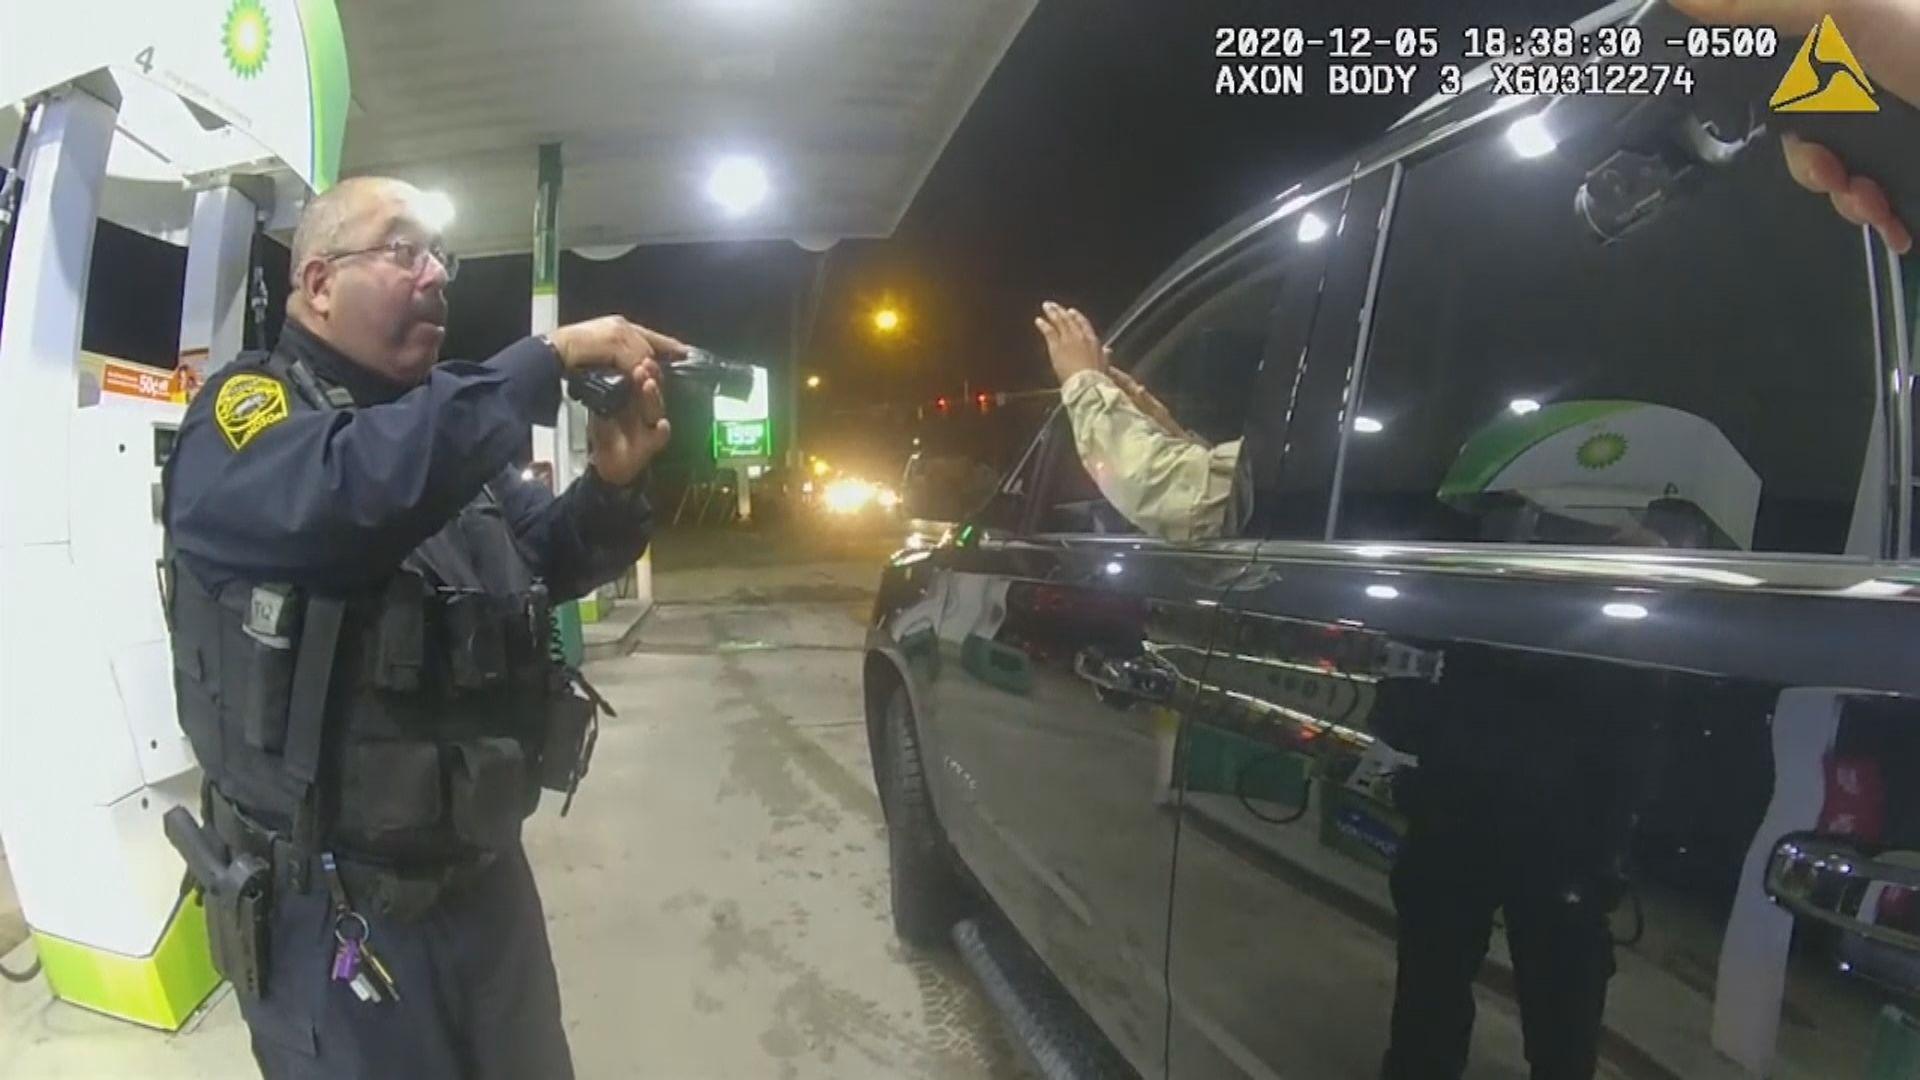 美國黑人軍人控警員截查時暴力對待 侵犯其憲法權利